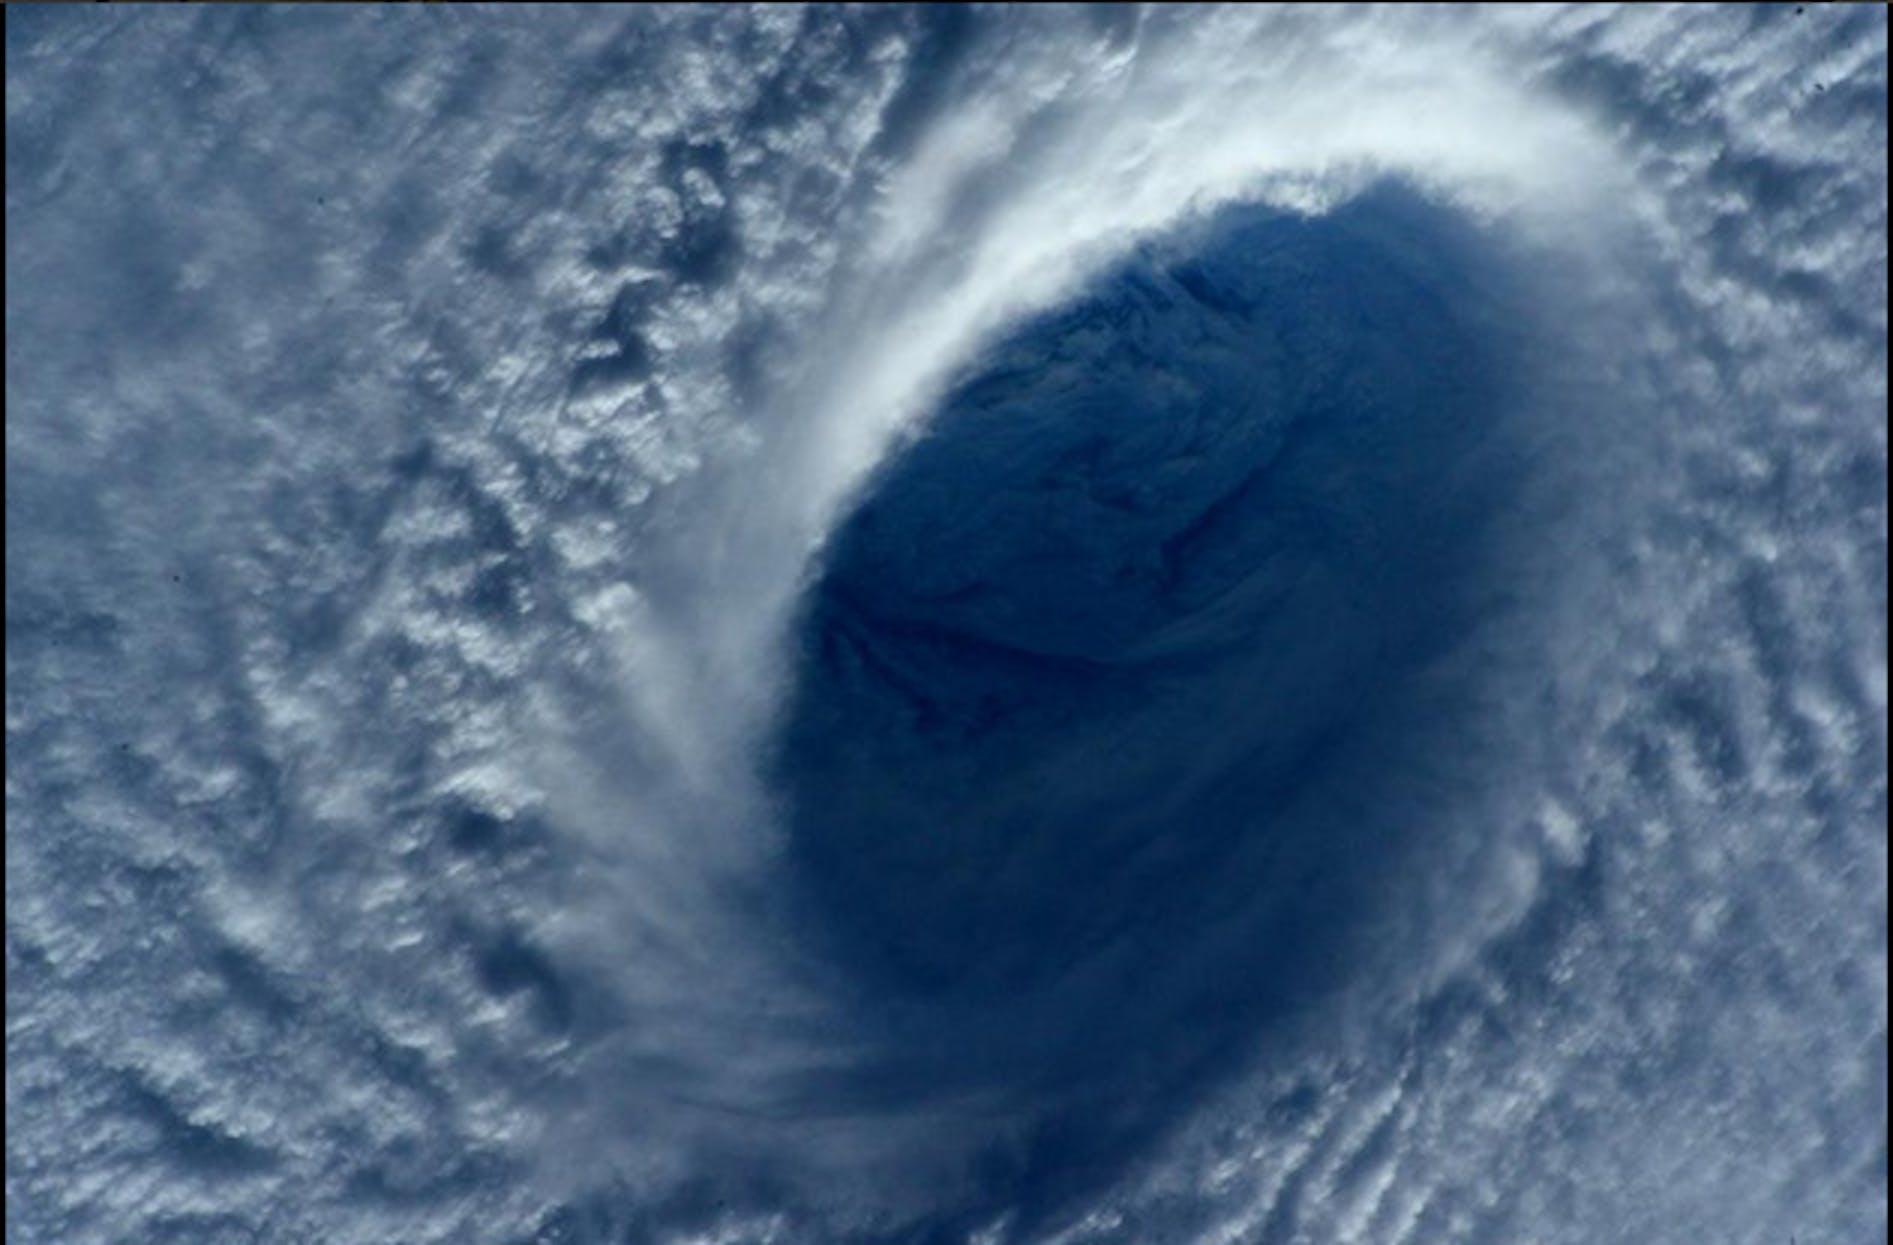 Un'immagine del tifone Maysak ripresa dall'astronauta italiana Samantha Cristoforetti a bordo della Stazione Spaziale Internazionale - ©ESA